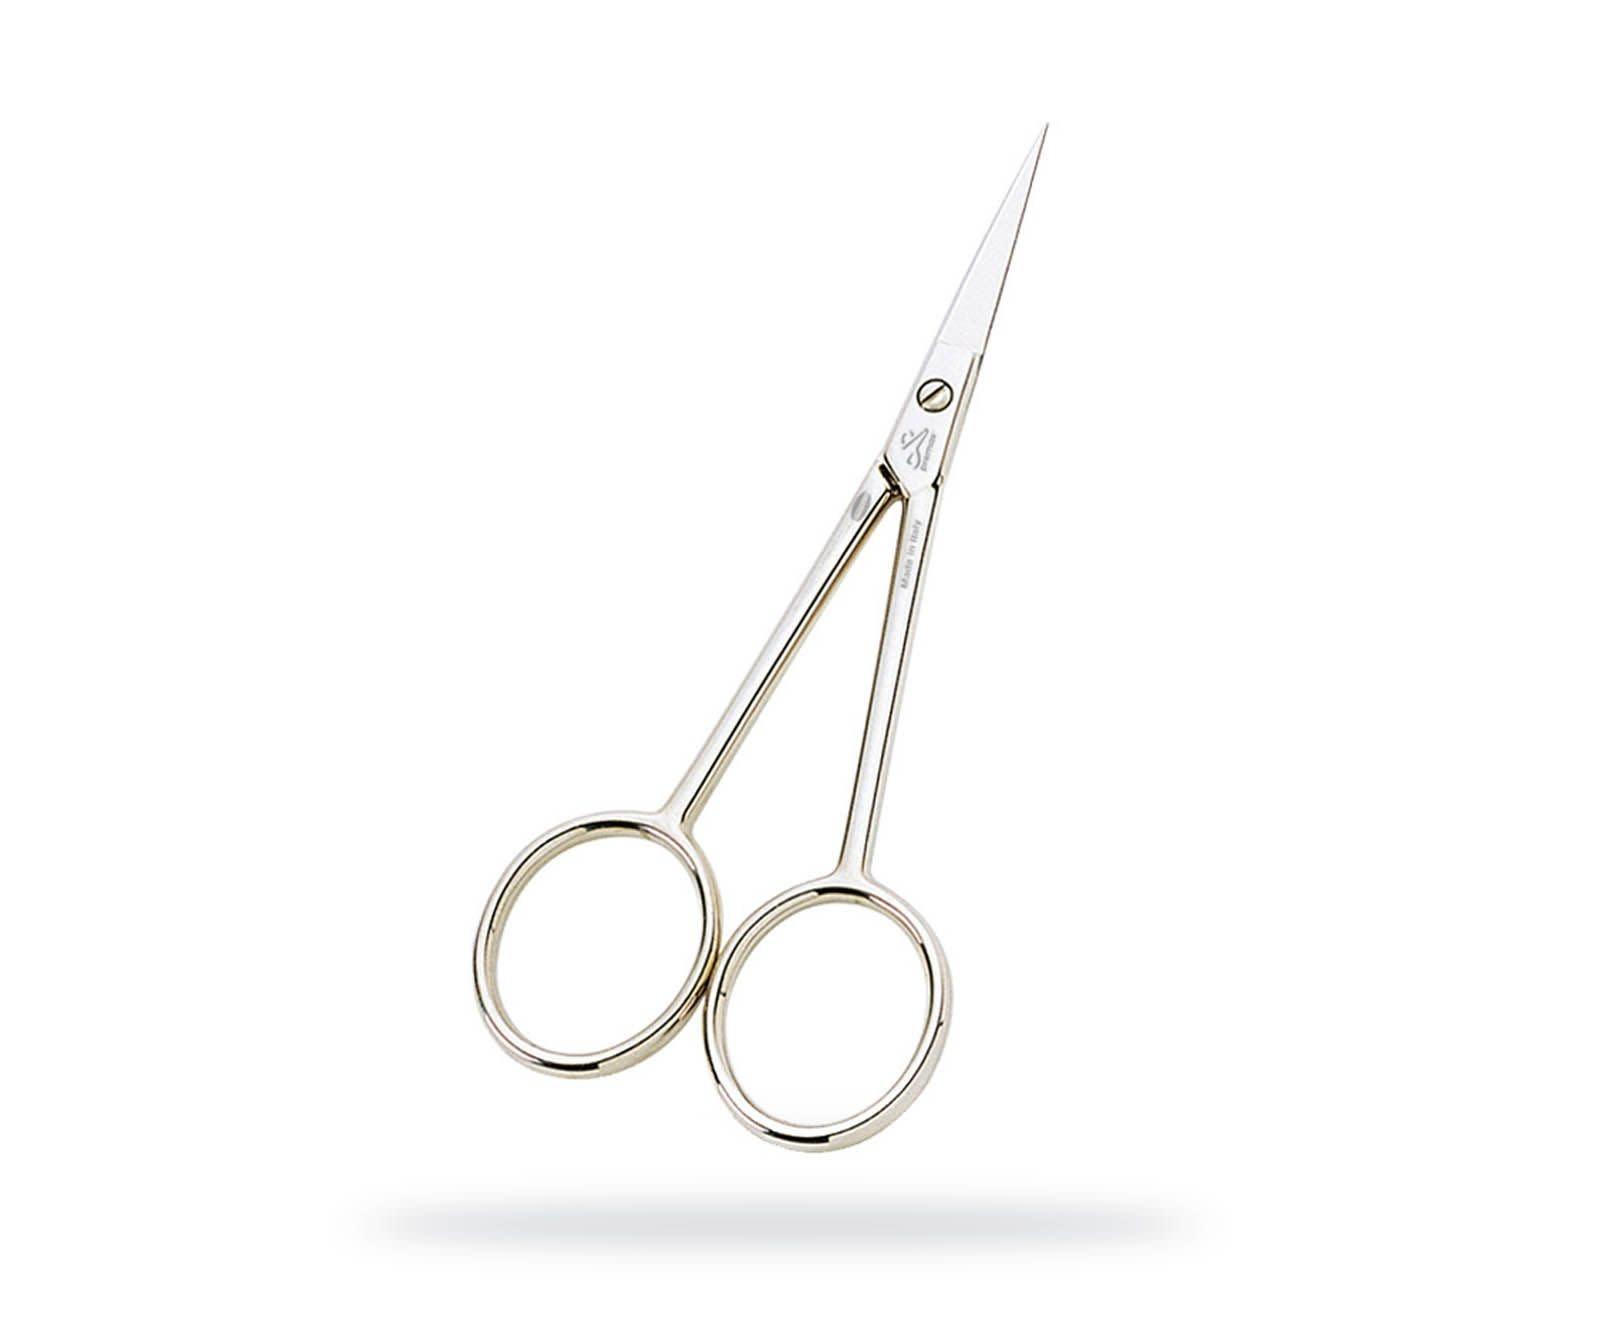 Premax Embroidery scissors - Classica Collection